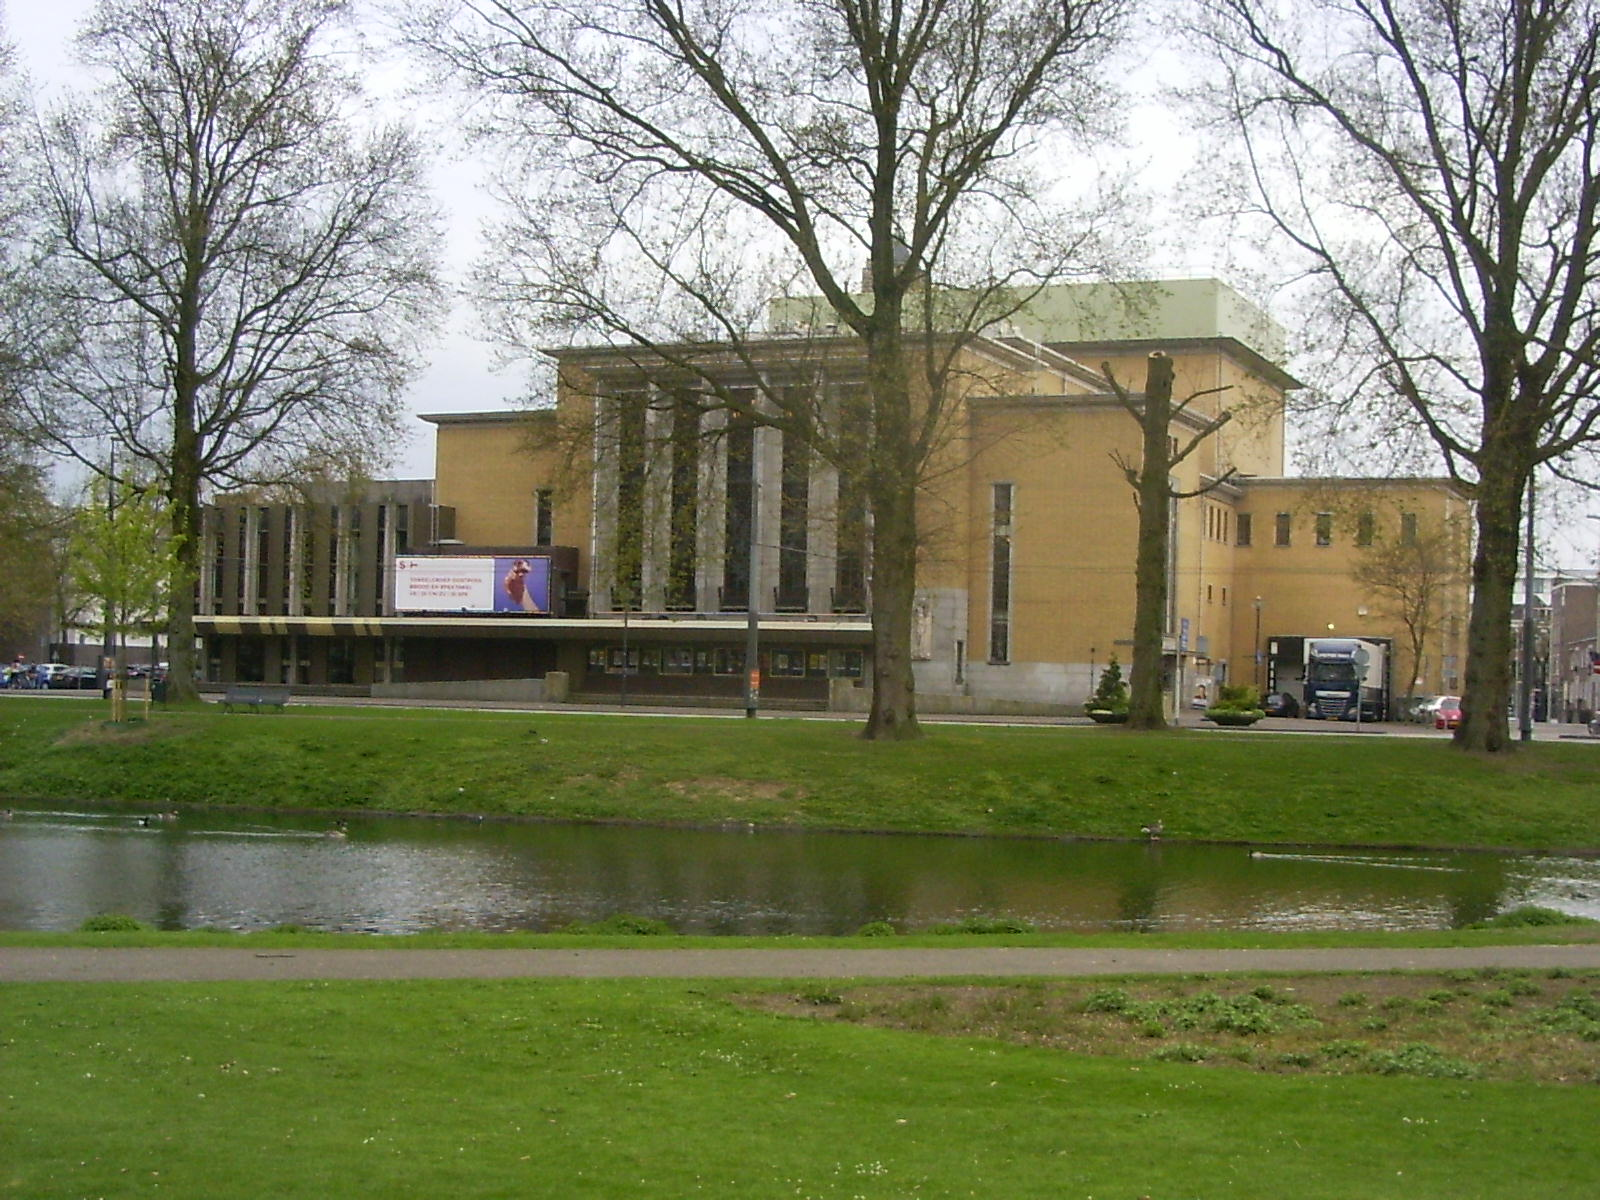 Arnhem-velperbinnensingel-04140015.jpg